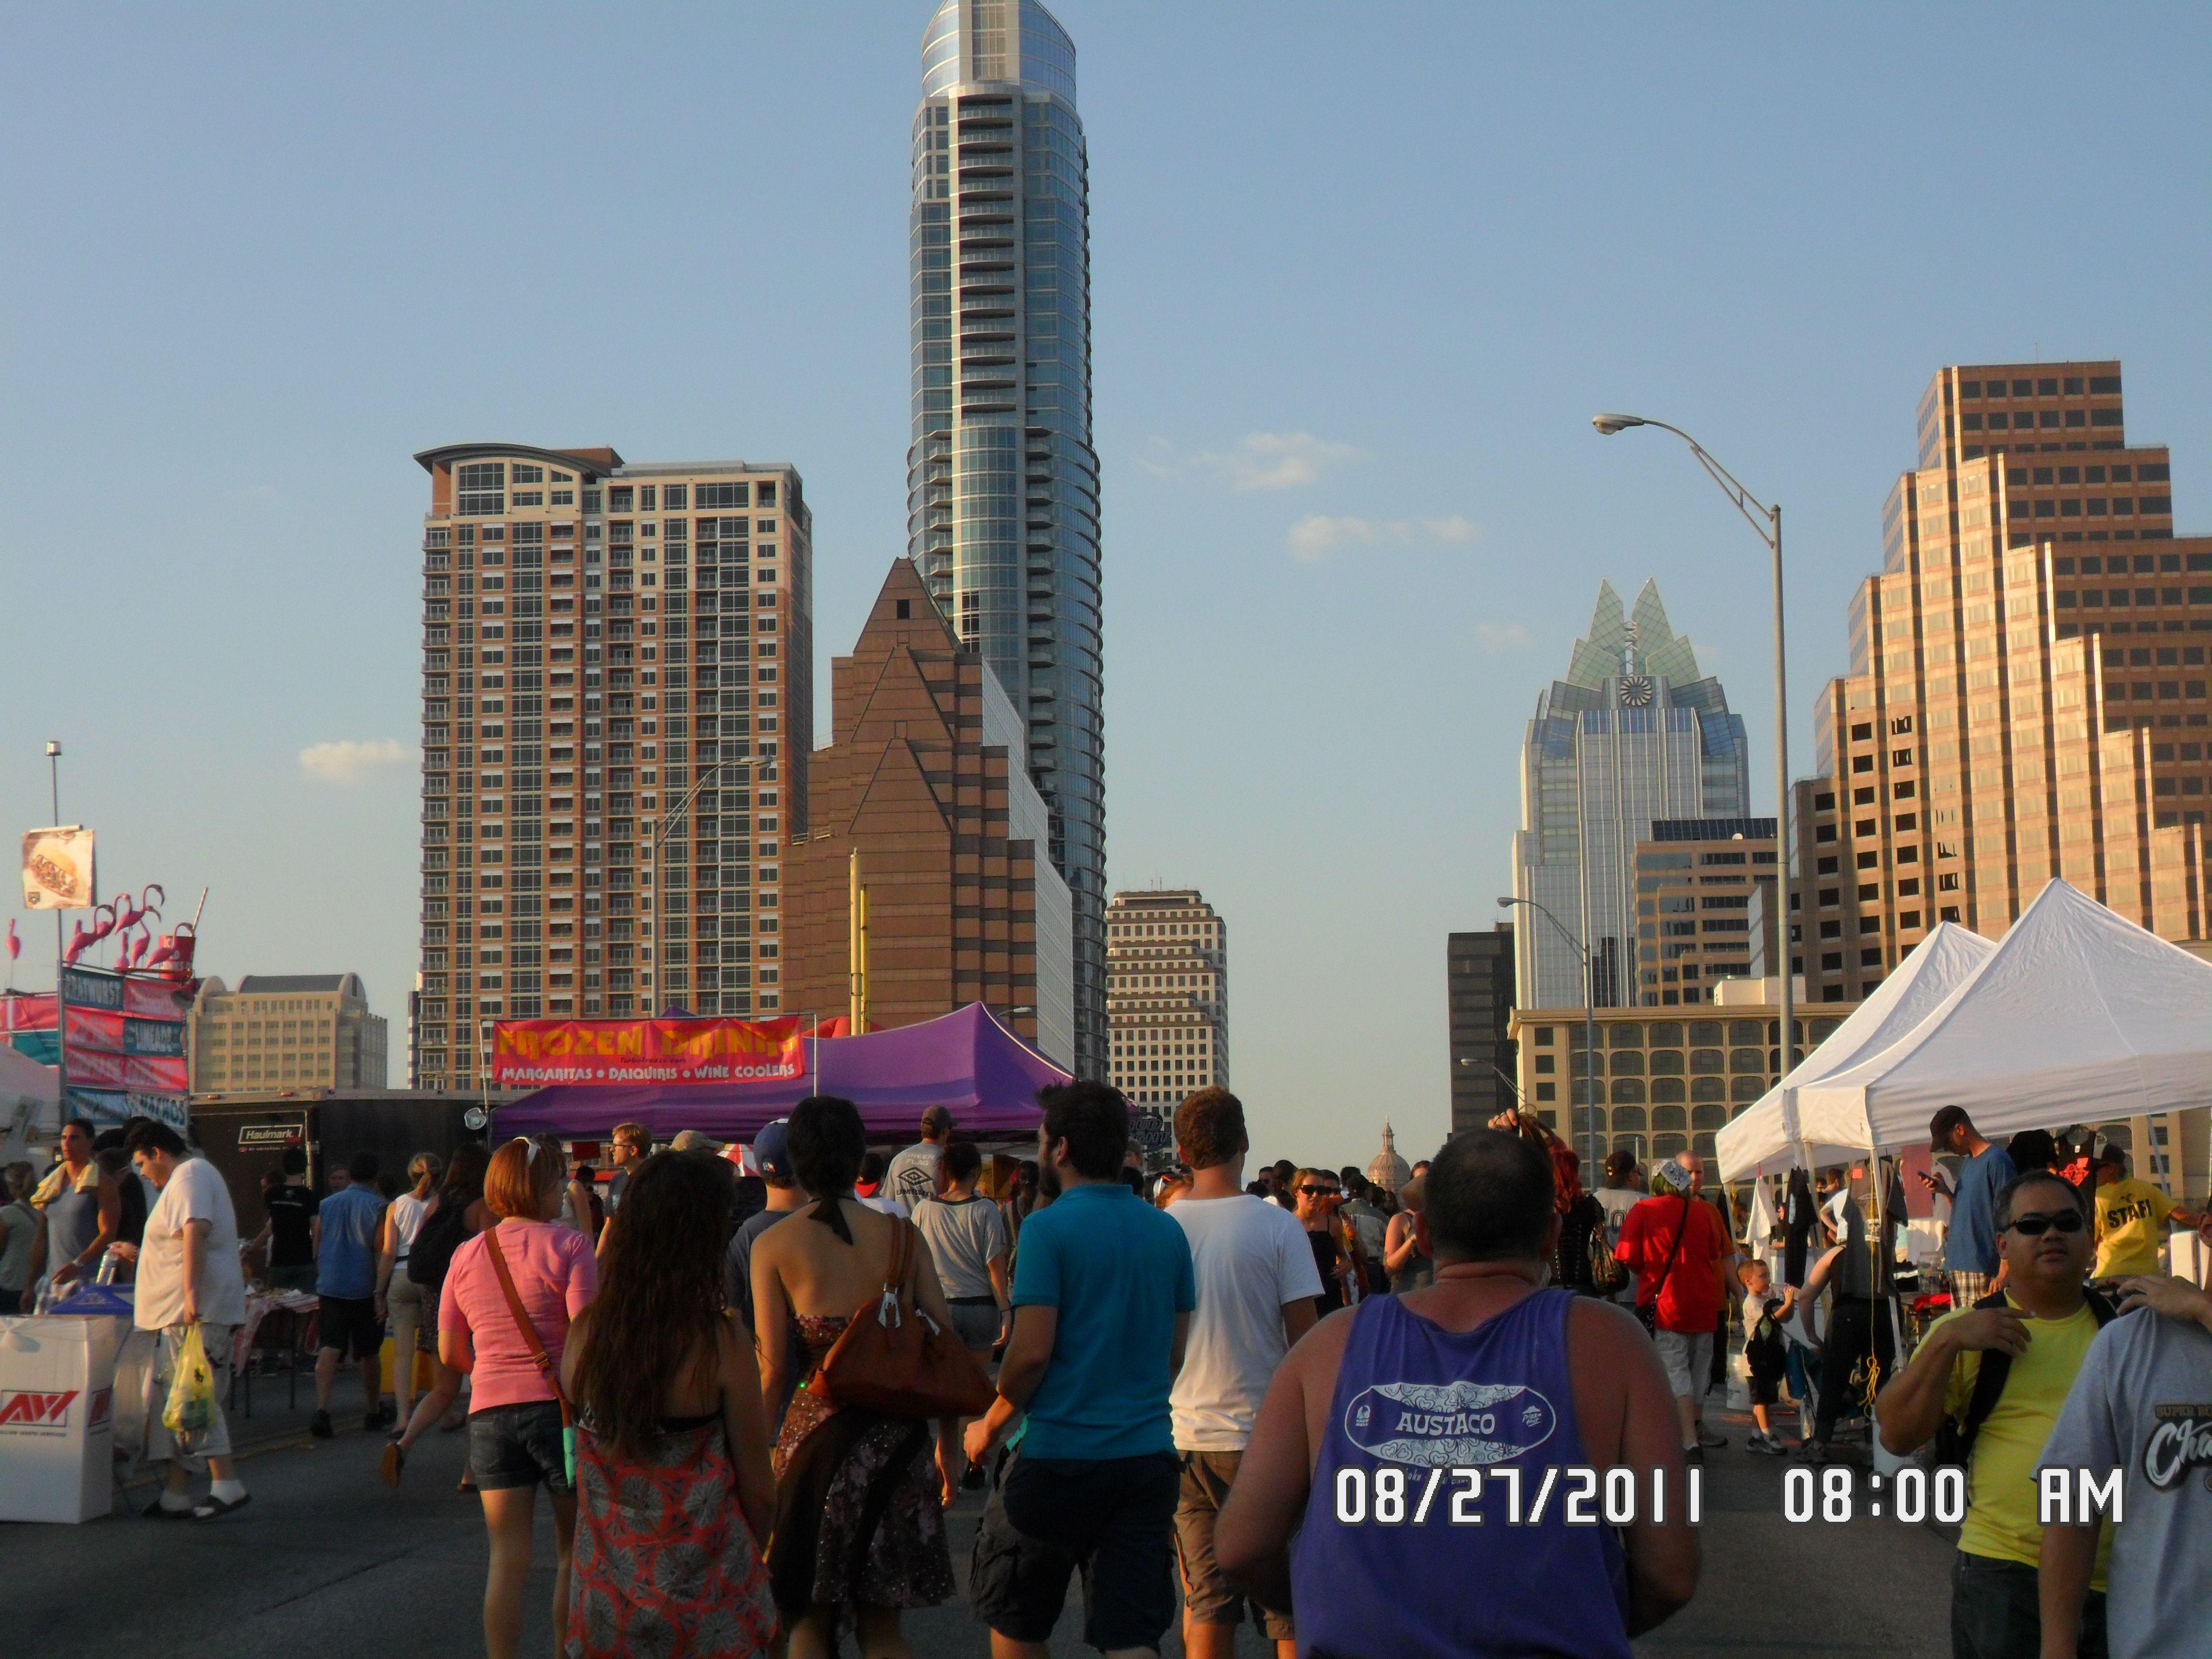 Austin tx bat festival 2011 places to go favorite